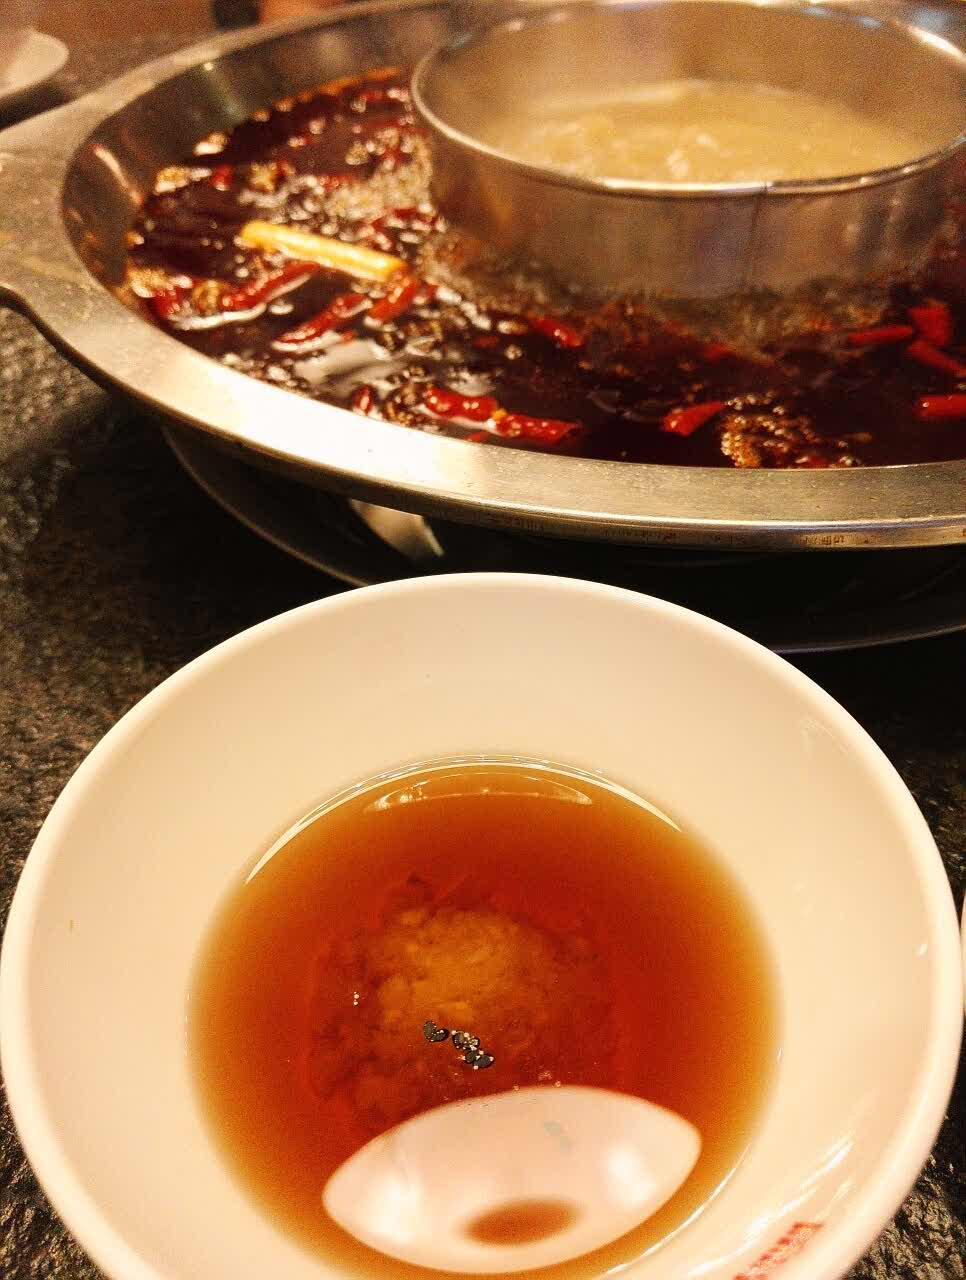 味道相对于重庆火锅要更加清爽一点,菜品很新鲜,可惜没有鲜黄鳝和泥鳅